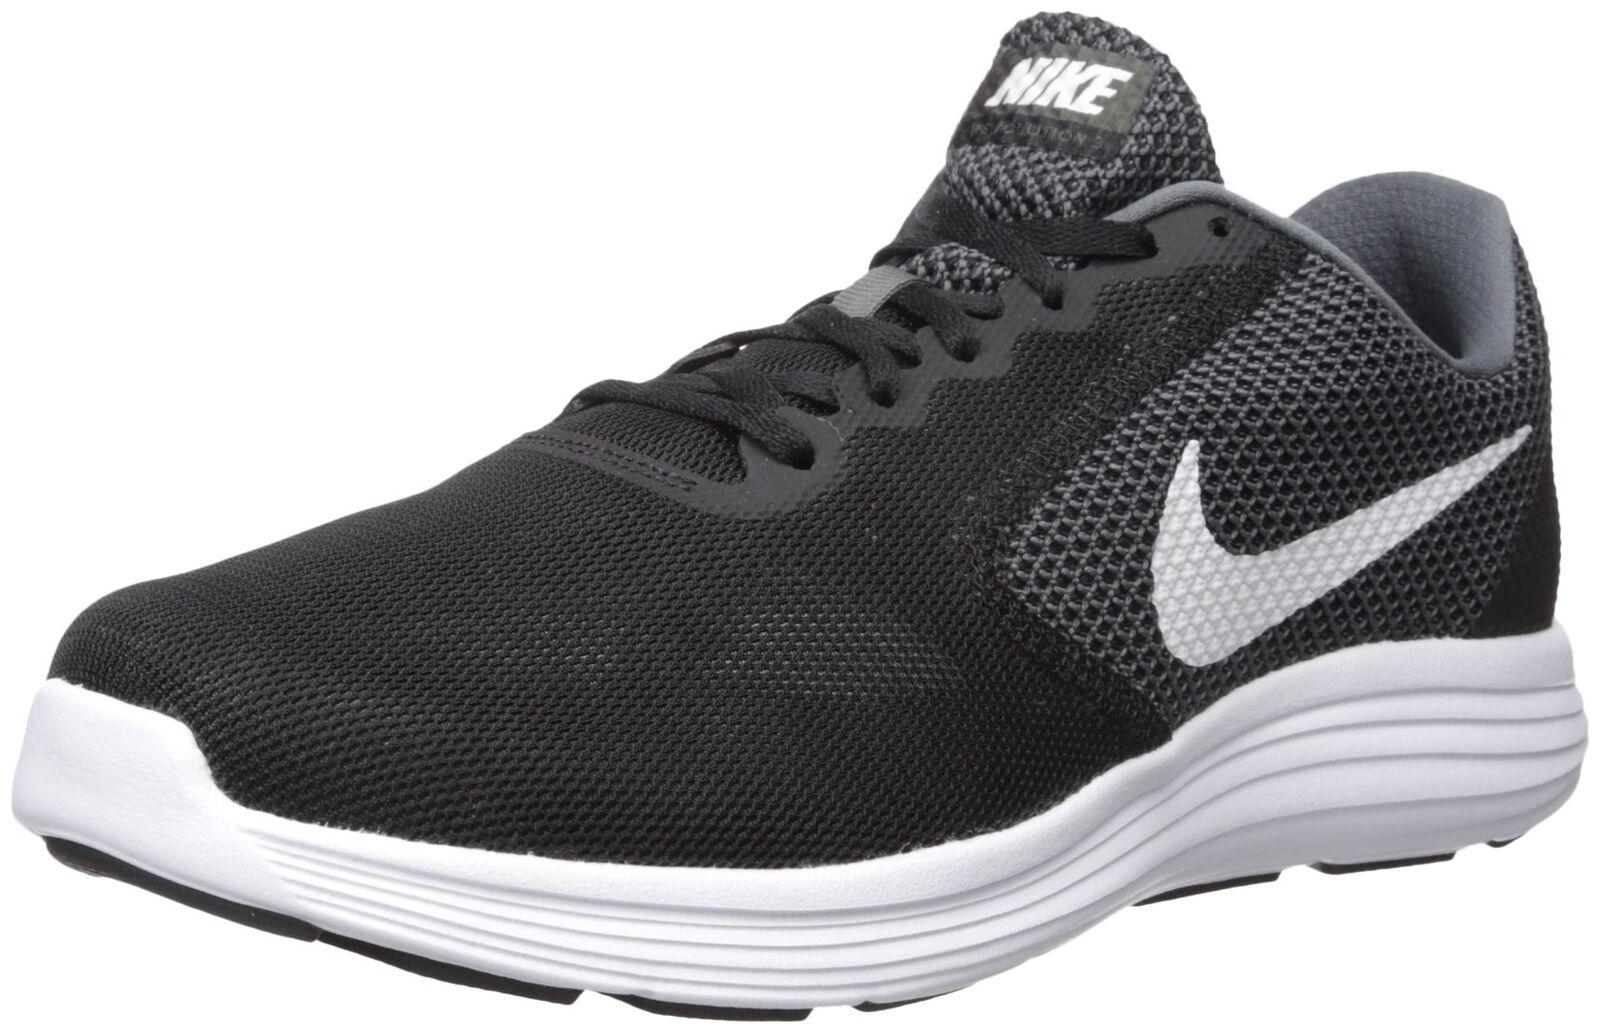 Nike hombre Revolution 3 running zapatos gris oscuro 11,5 / blanco / negro 11,5 oscuro XW nosotros ba411e